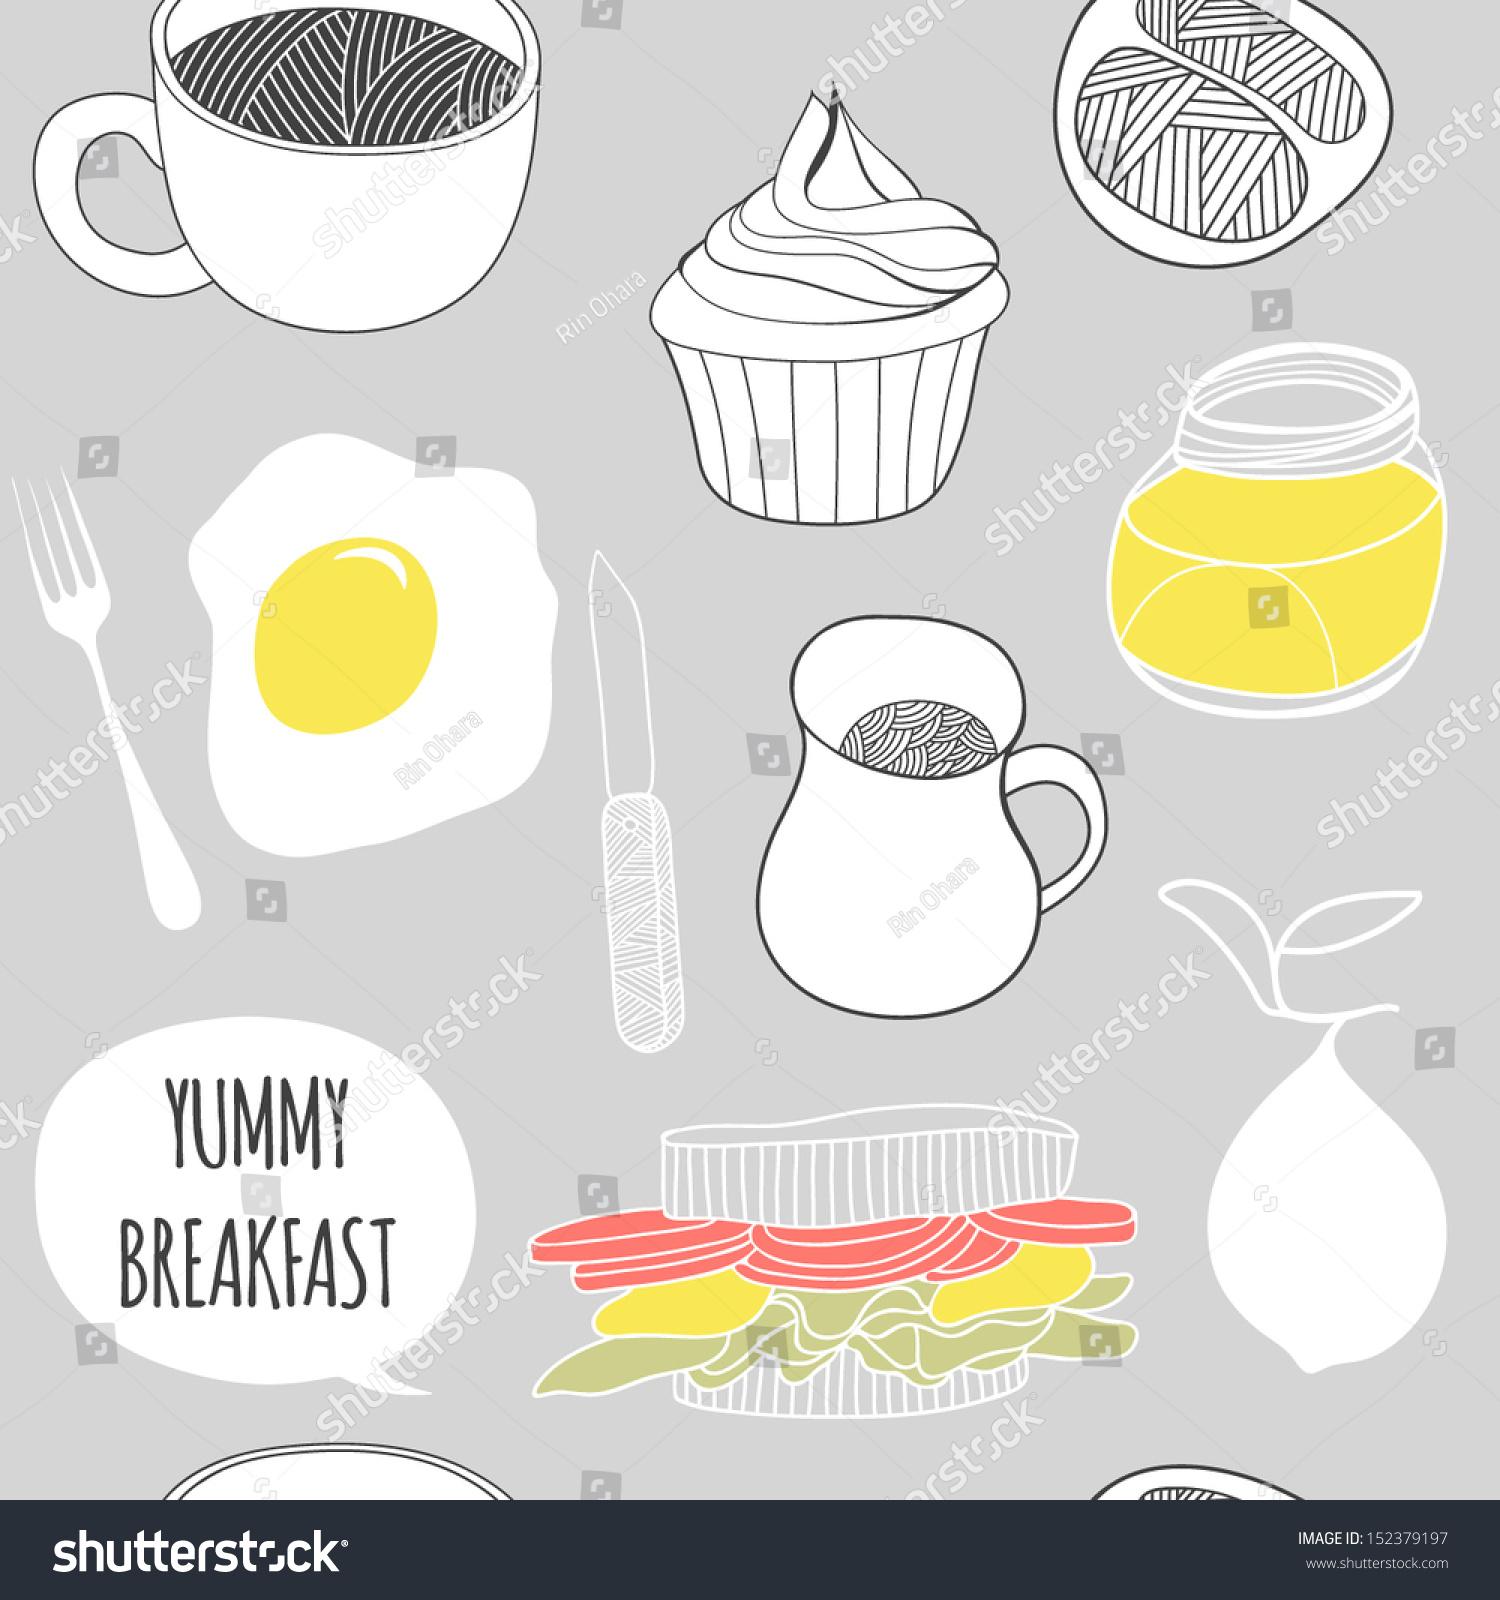 Yummy Breakfast Seamless Pattern Cartoon Vector Stock Photo (Photo ...